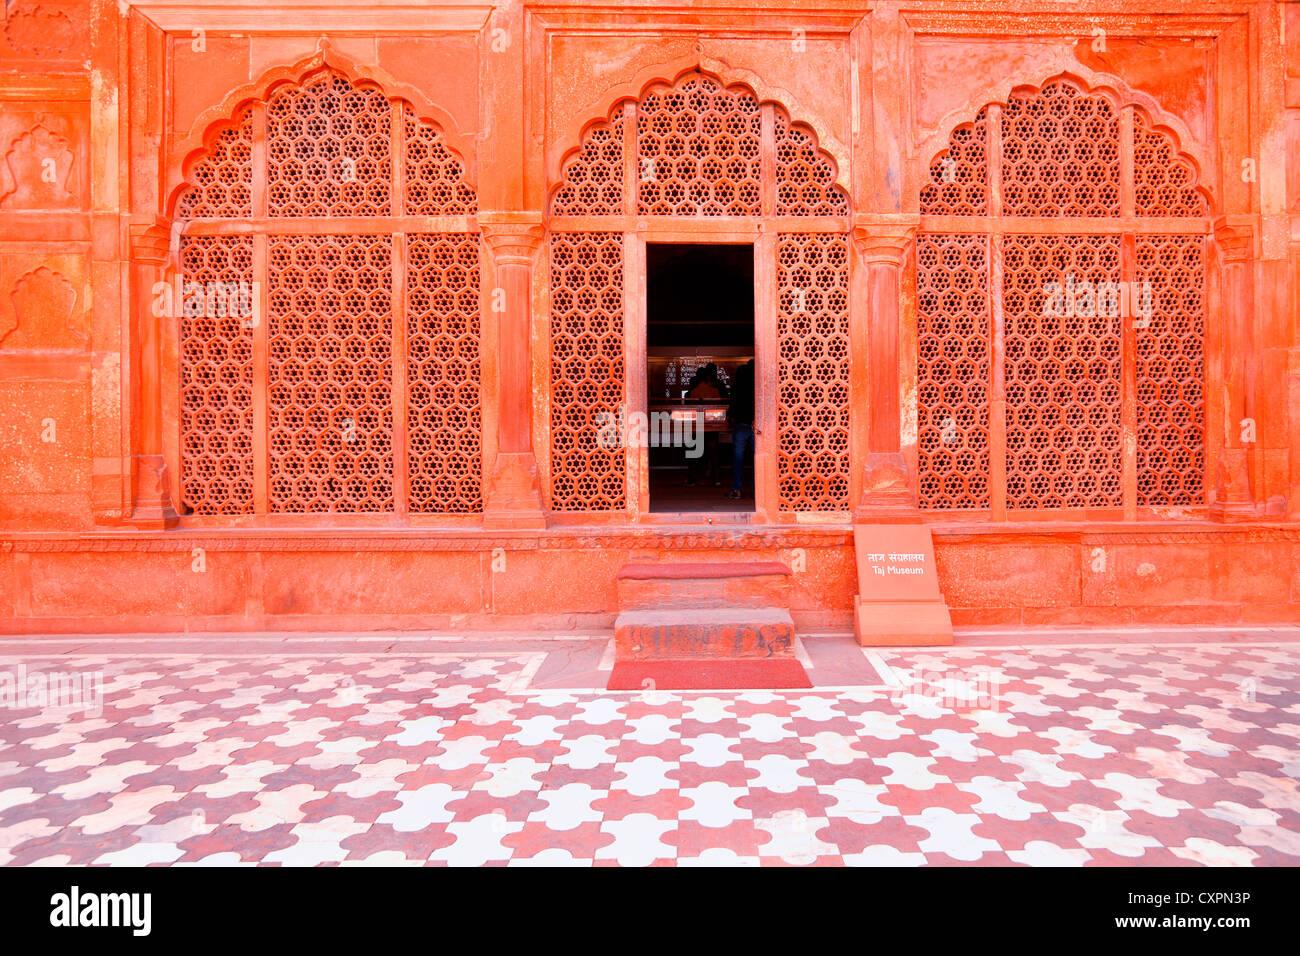 Dettagli architettonici della moschea al Taj Mahal, Agra, India Immagini Stock